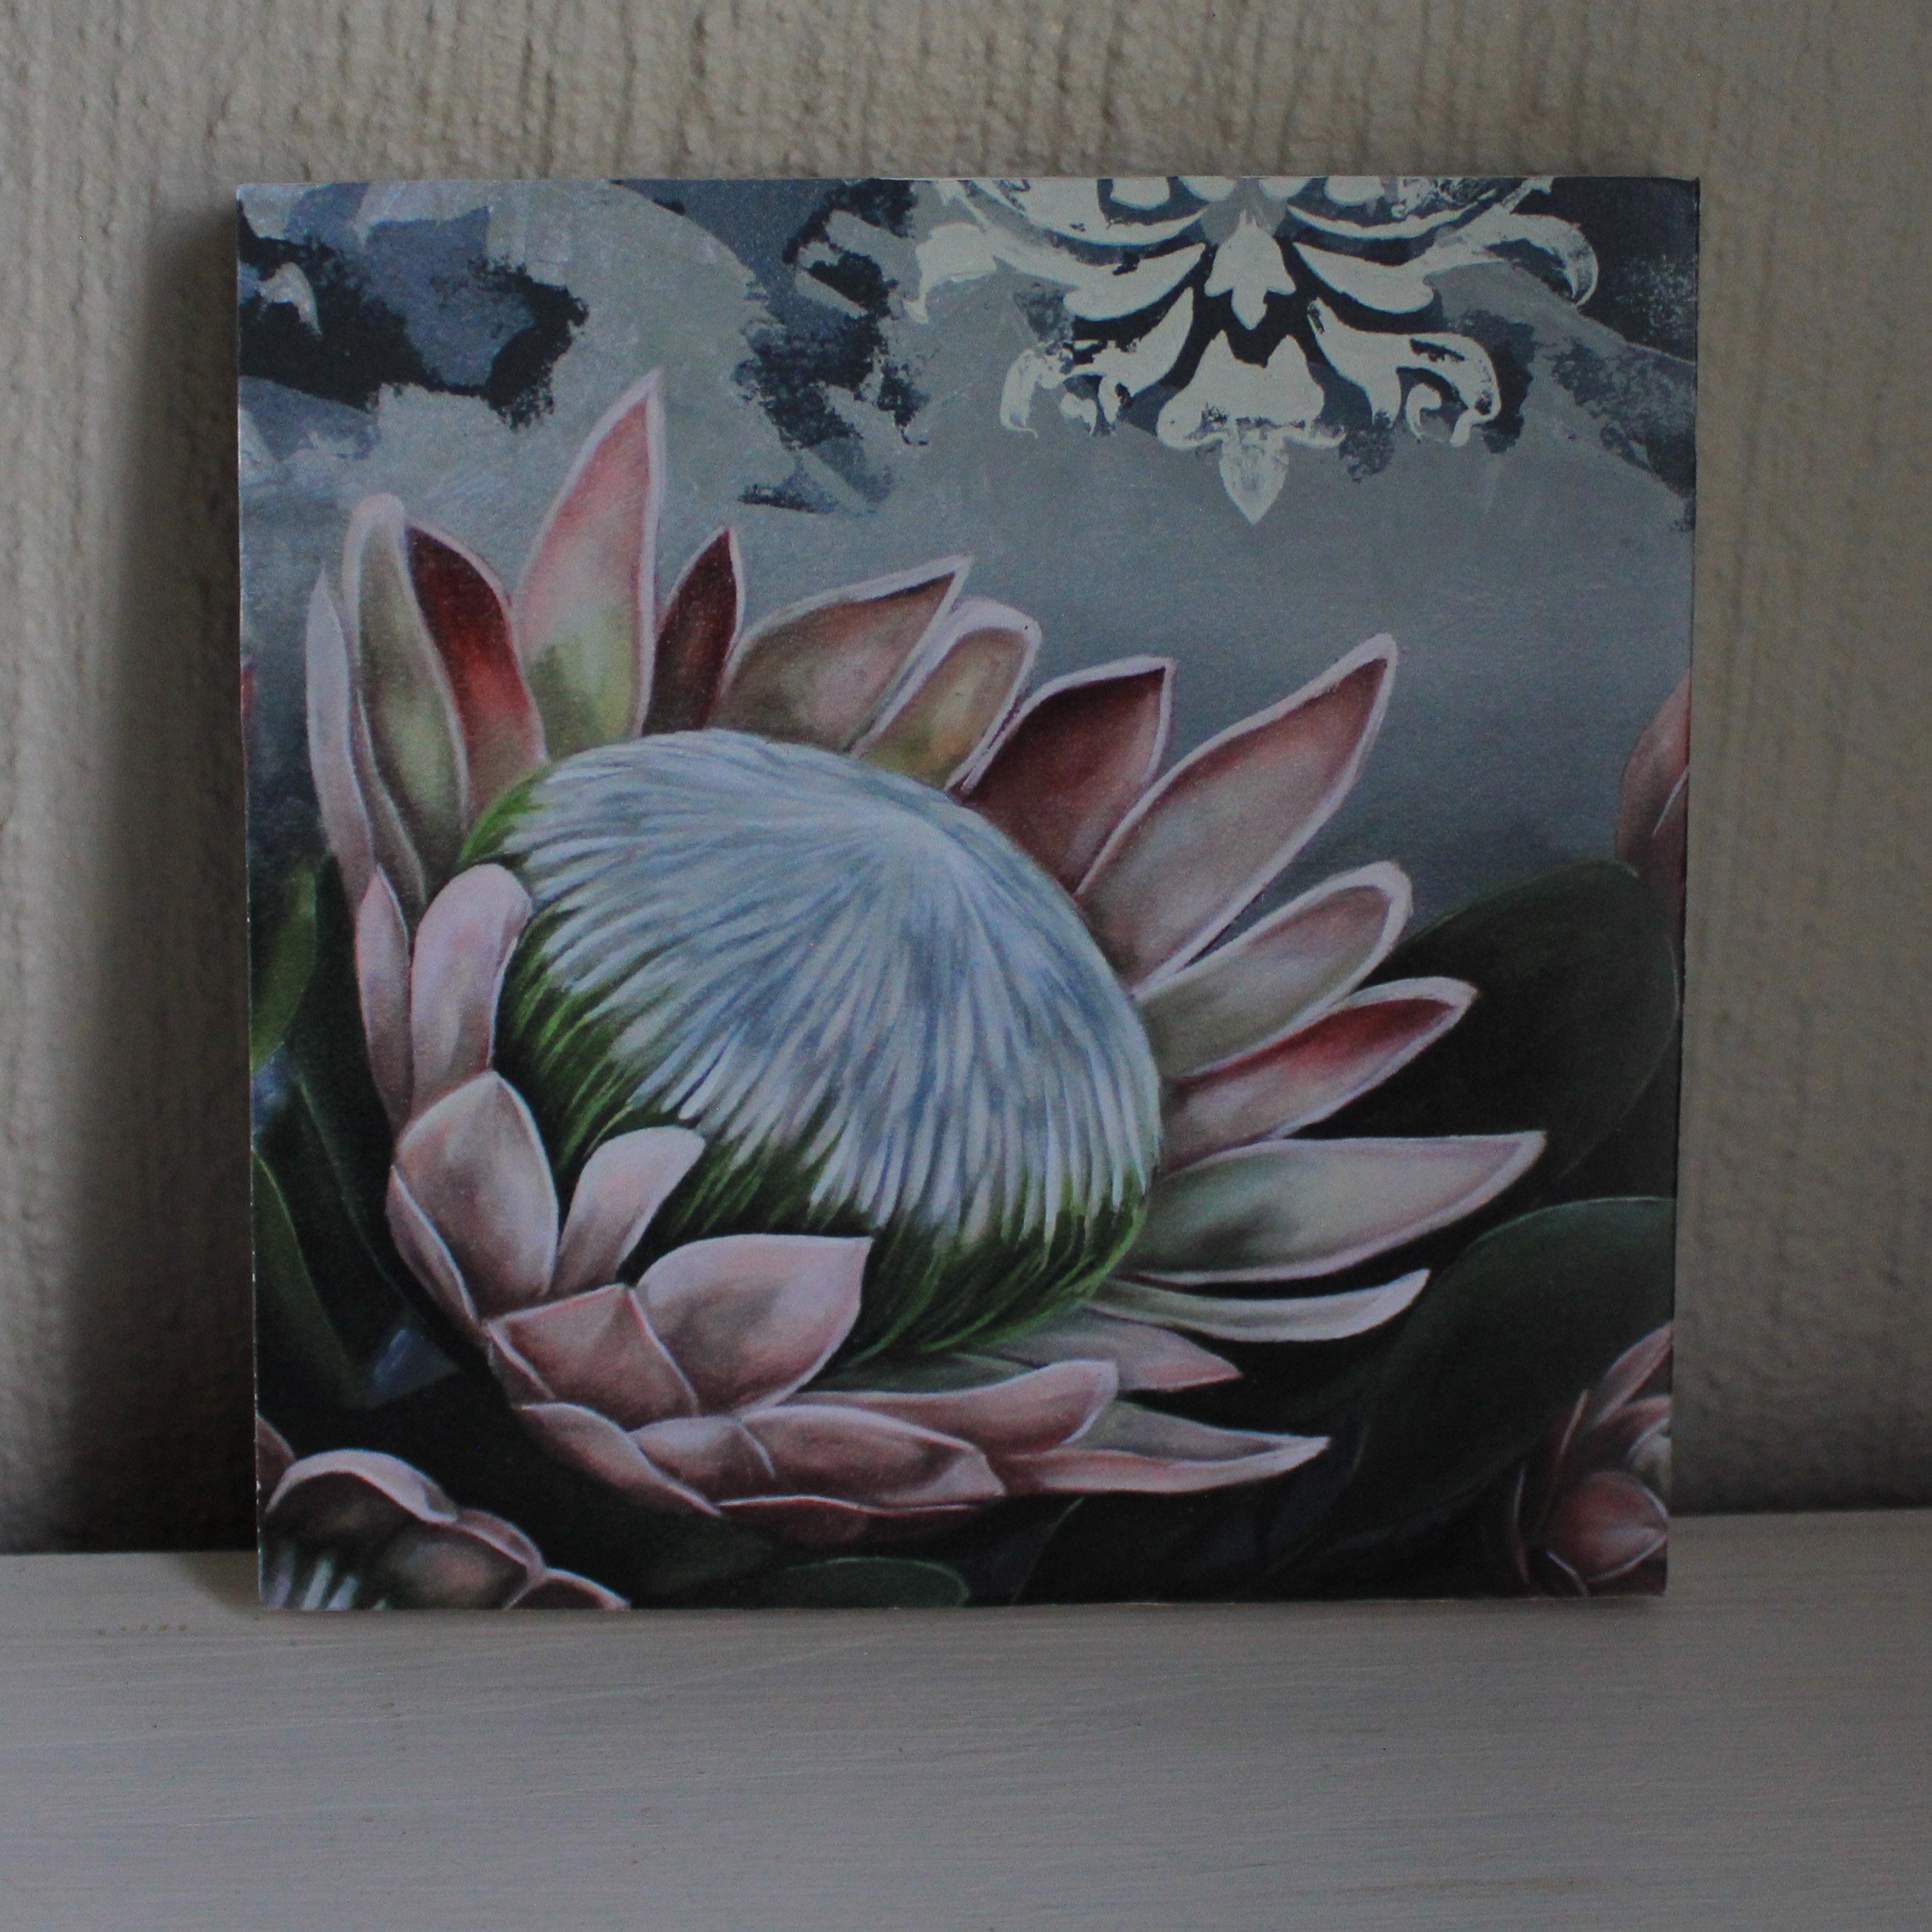 Proteas Product Tags Christelle Pretorius Art